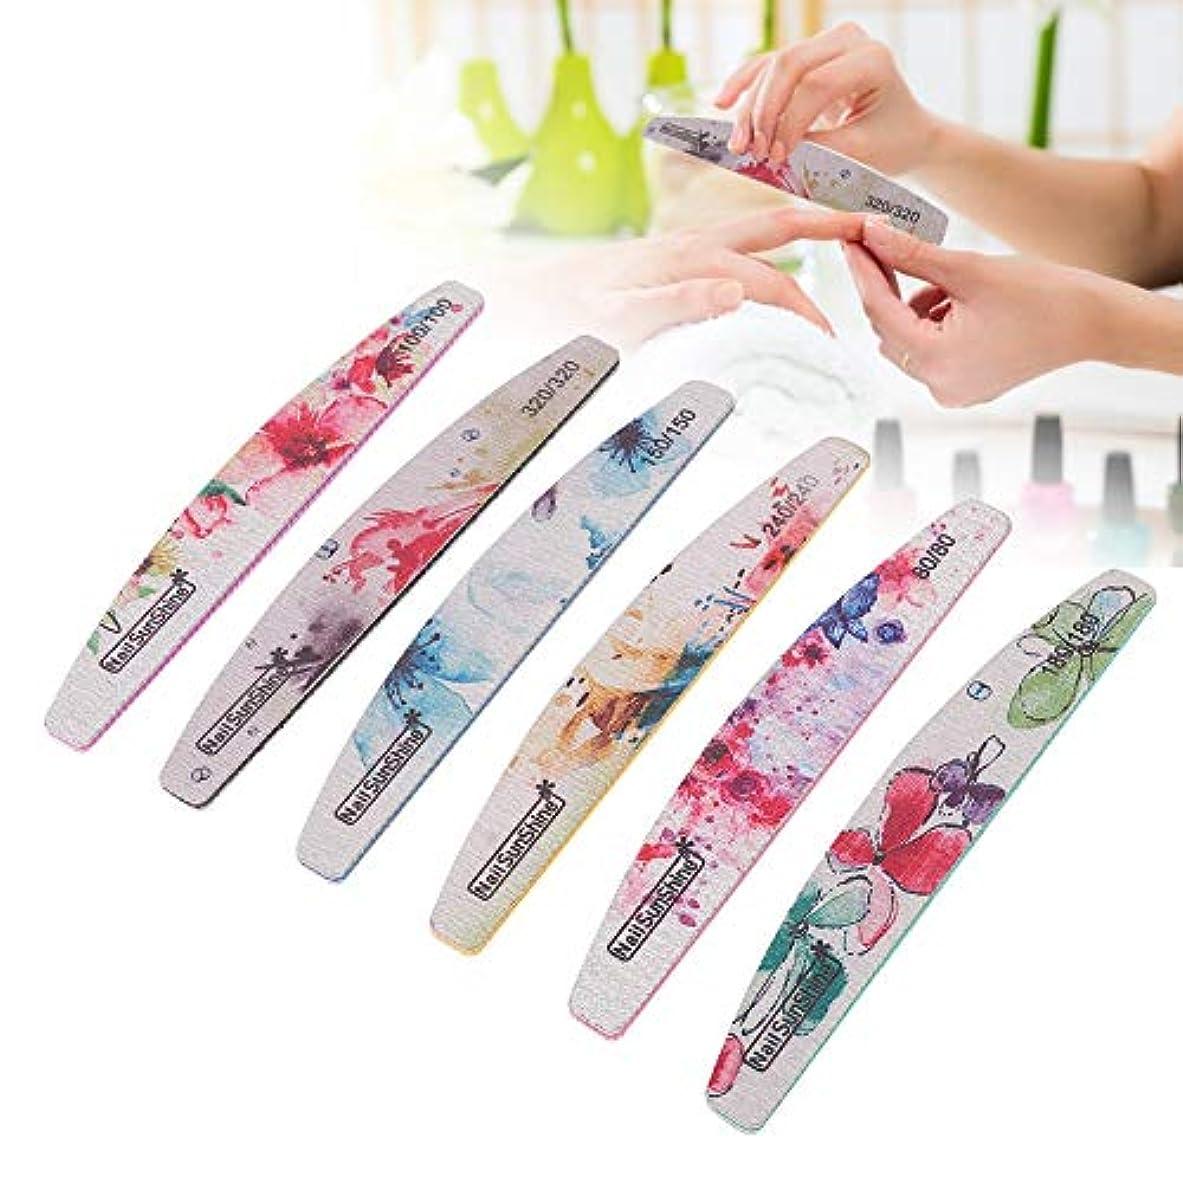 みリア王化学薬品6本の両面ネイルファイル、カラフルなエメリーボードネイルファイルネイルアートバフ研磨ストリップネイルバッファーポリッシャーペディキュアケアDIY指と爪のためのDIY